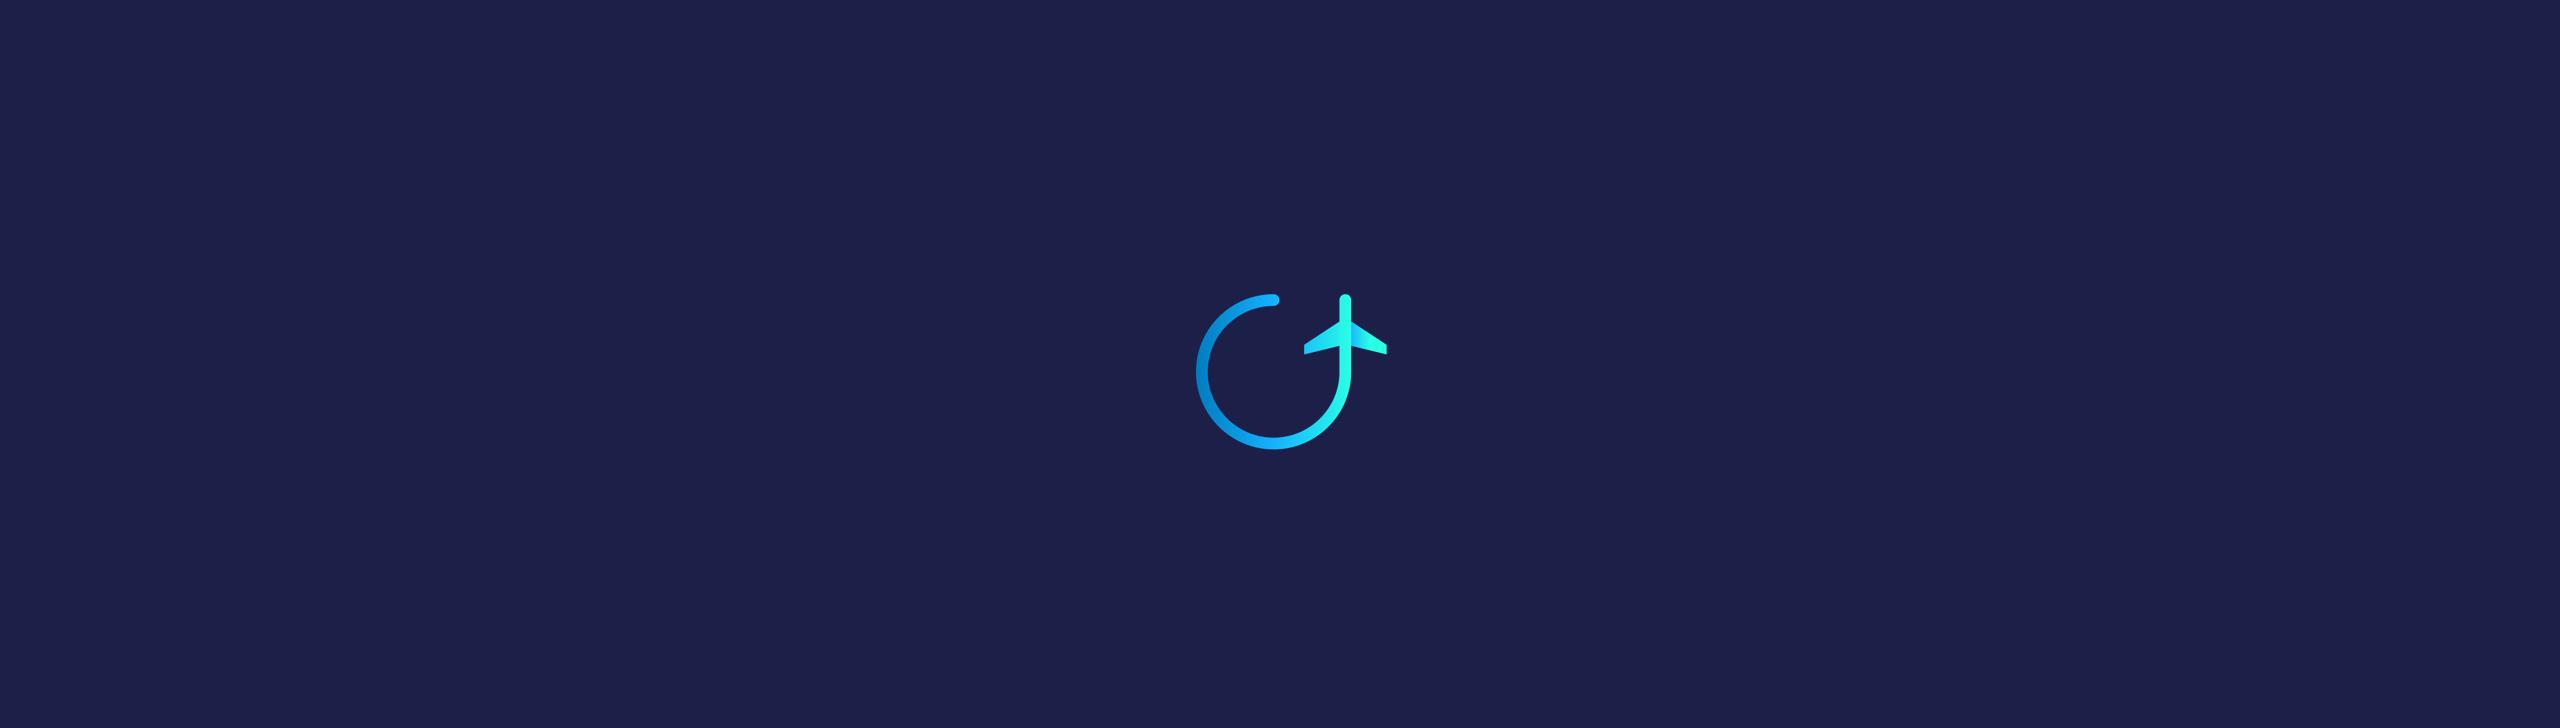 Moon-App-cierre